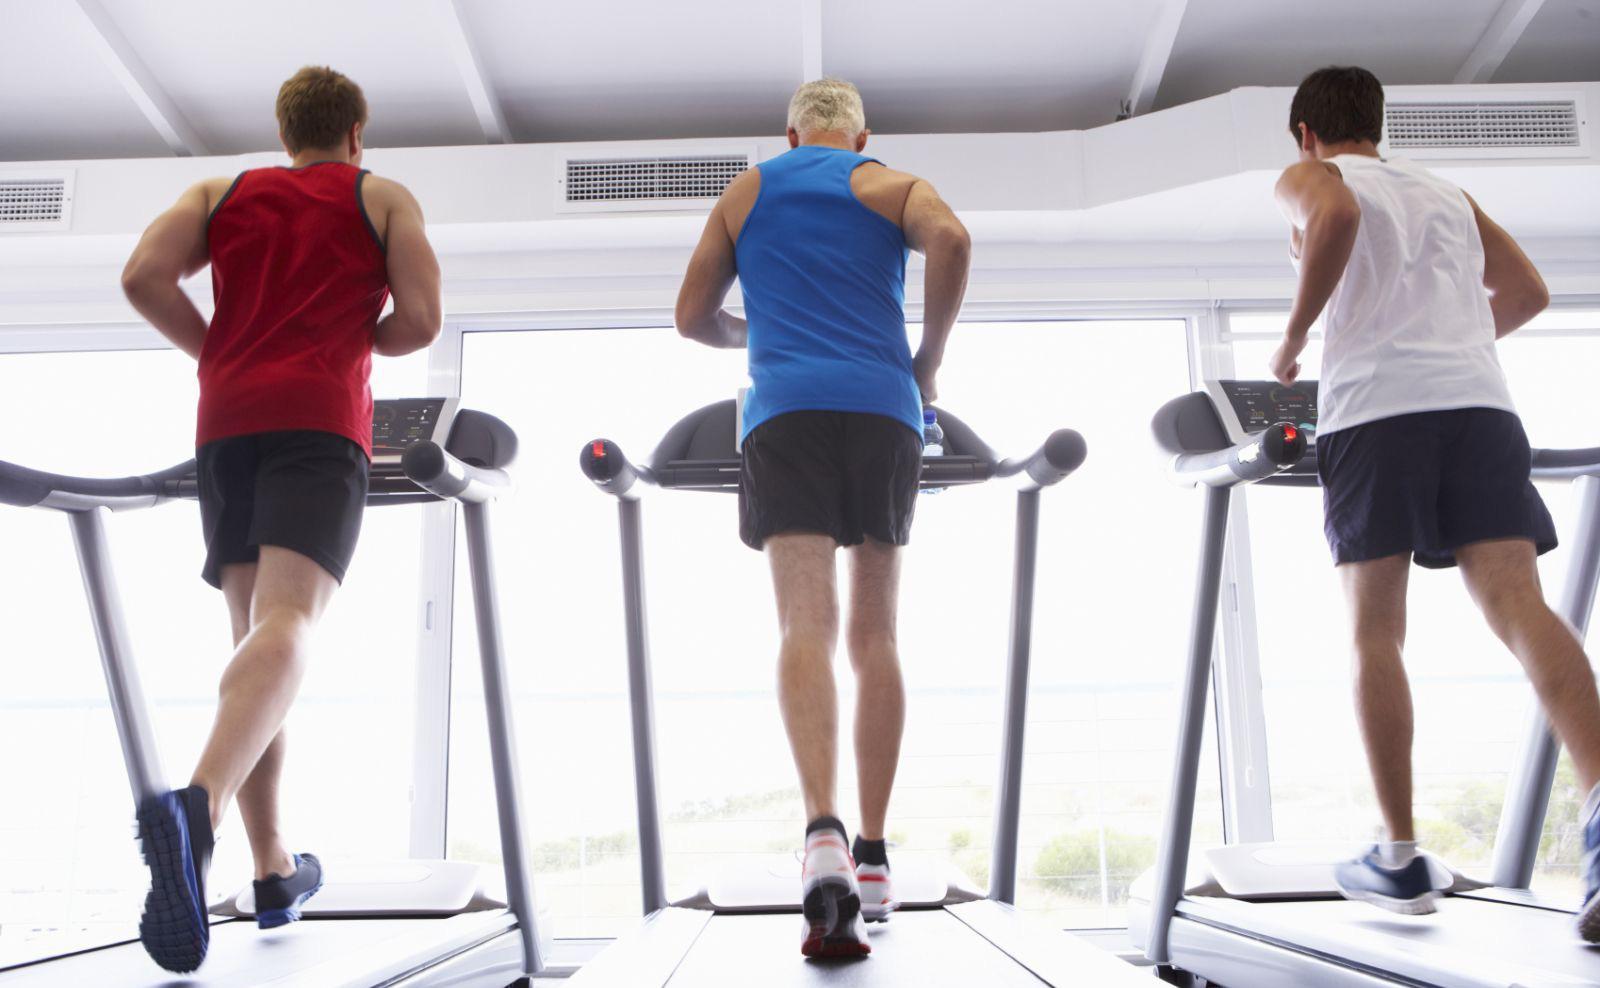 Chiều cao không tăng như ý, có thể do bạn đã mắc phải 5 thói xấu phổ biến này - Ảnh 5.